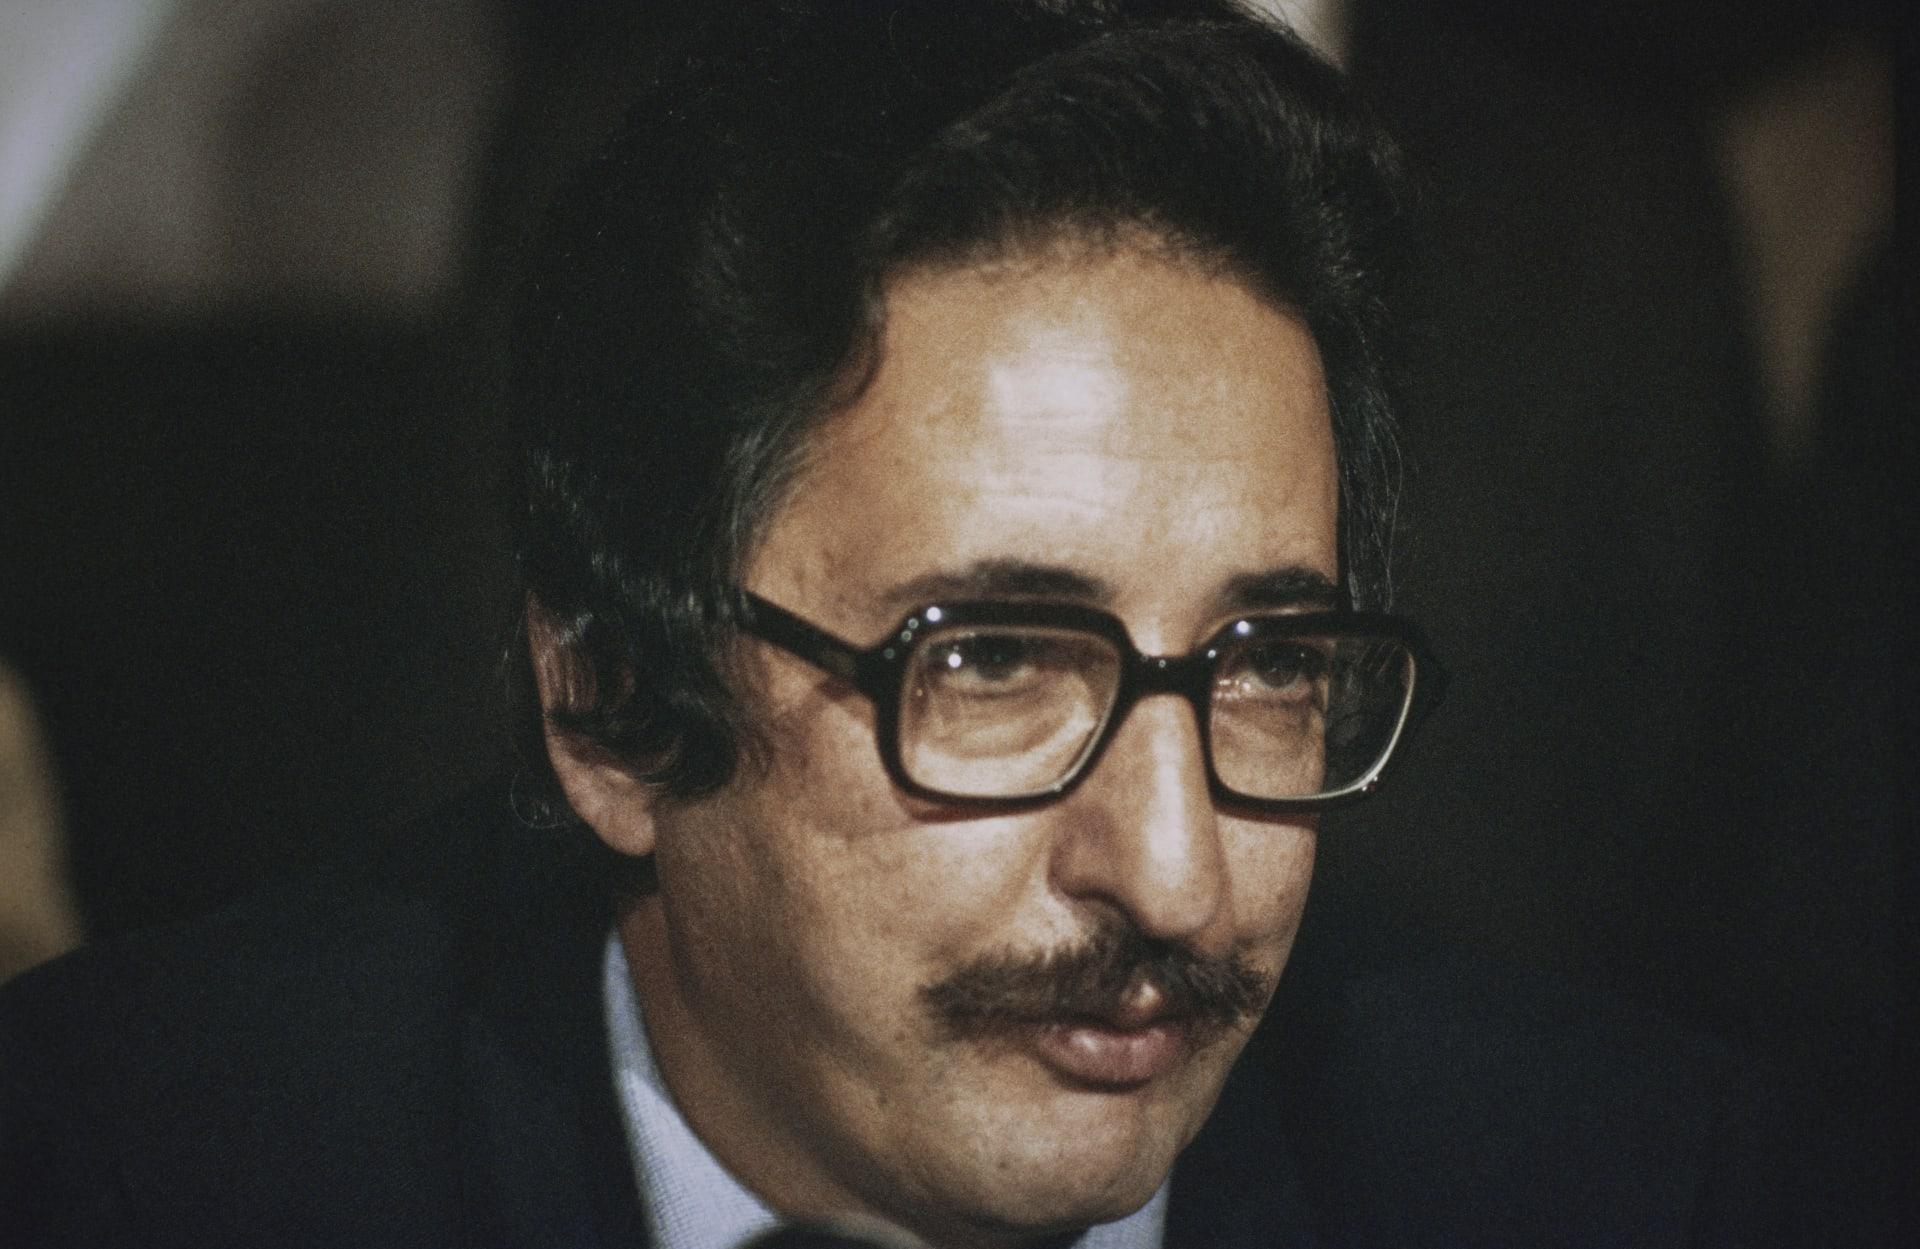 الرئيس الإيراني السابق أبو الحسن بني صدر